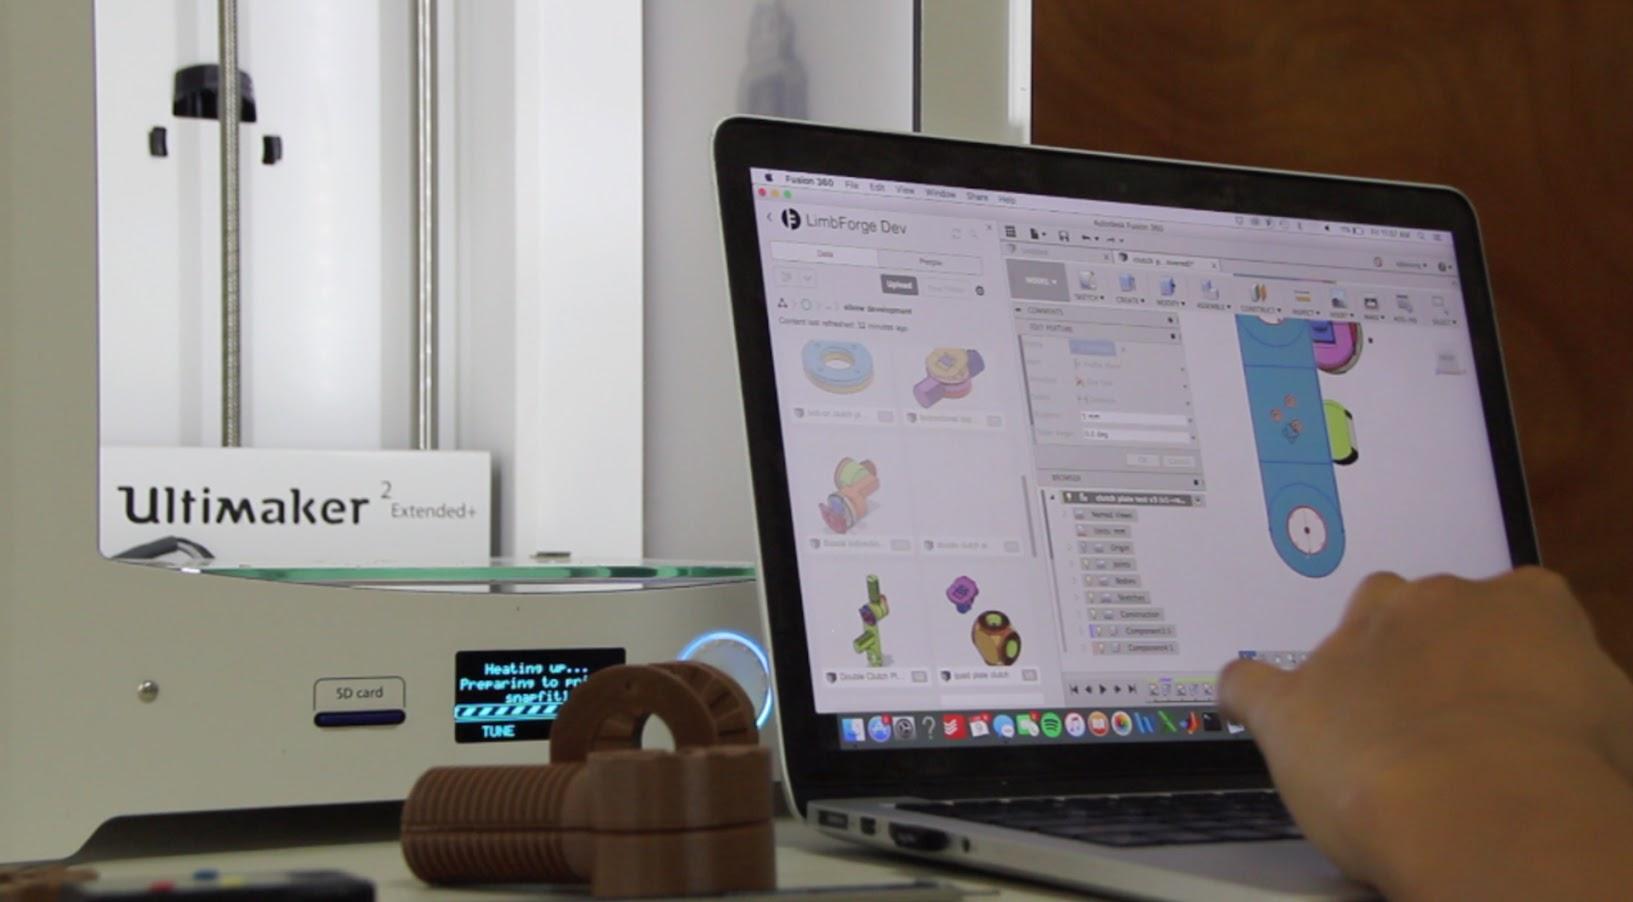 Программное обеспечение LimbForge было разработано для того, чтобы связать процесс создания протезной конечности с проектированием посредством трехмерной печати. Предоставлено LimbForge.